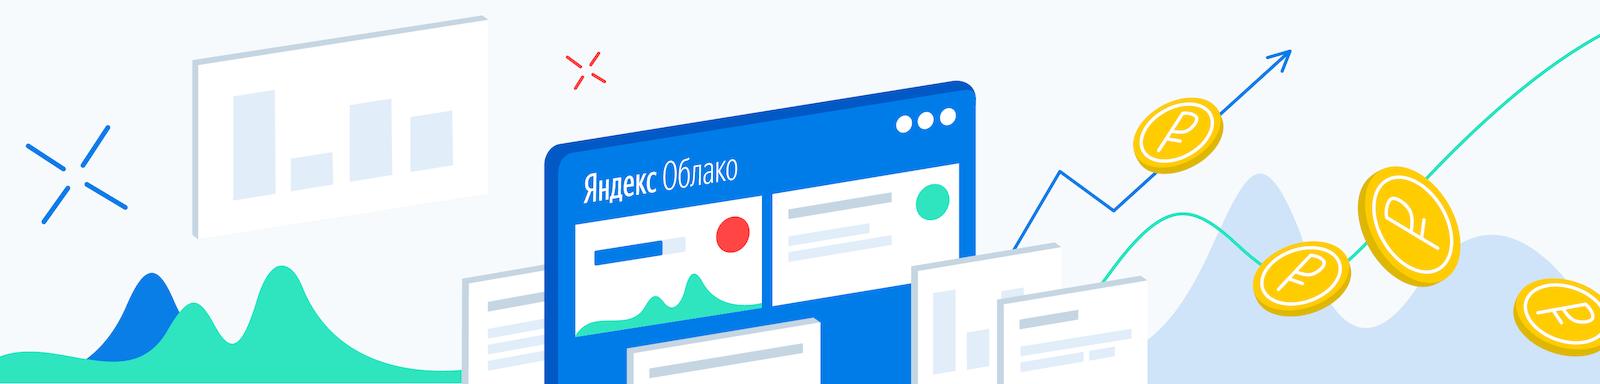 Как можно использовать прерываемые виртуальные машины Яндекс.Облака и экономить на решении масштабных задач - 3